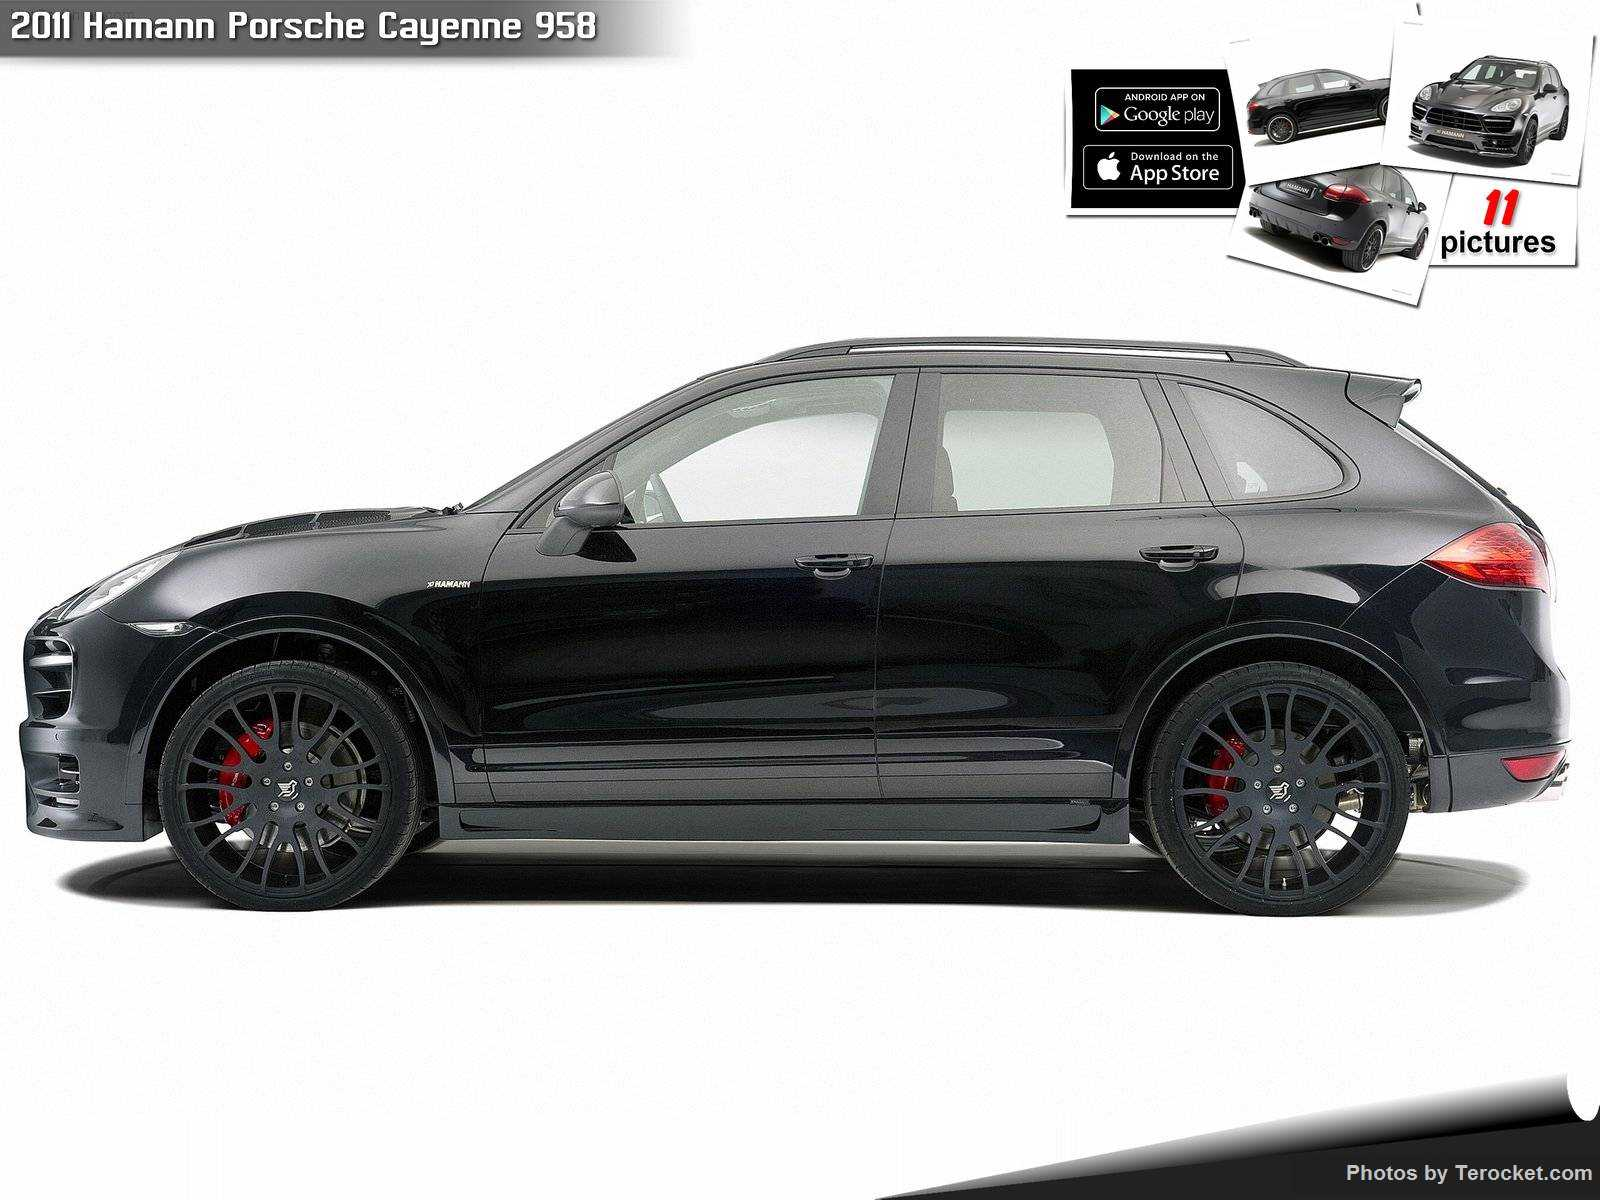 Hình ảnh xe ô tô Hamann Porsche Cayenne 958 2011 & nội ngoại thất